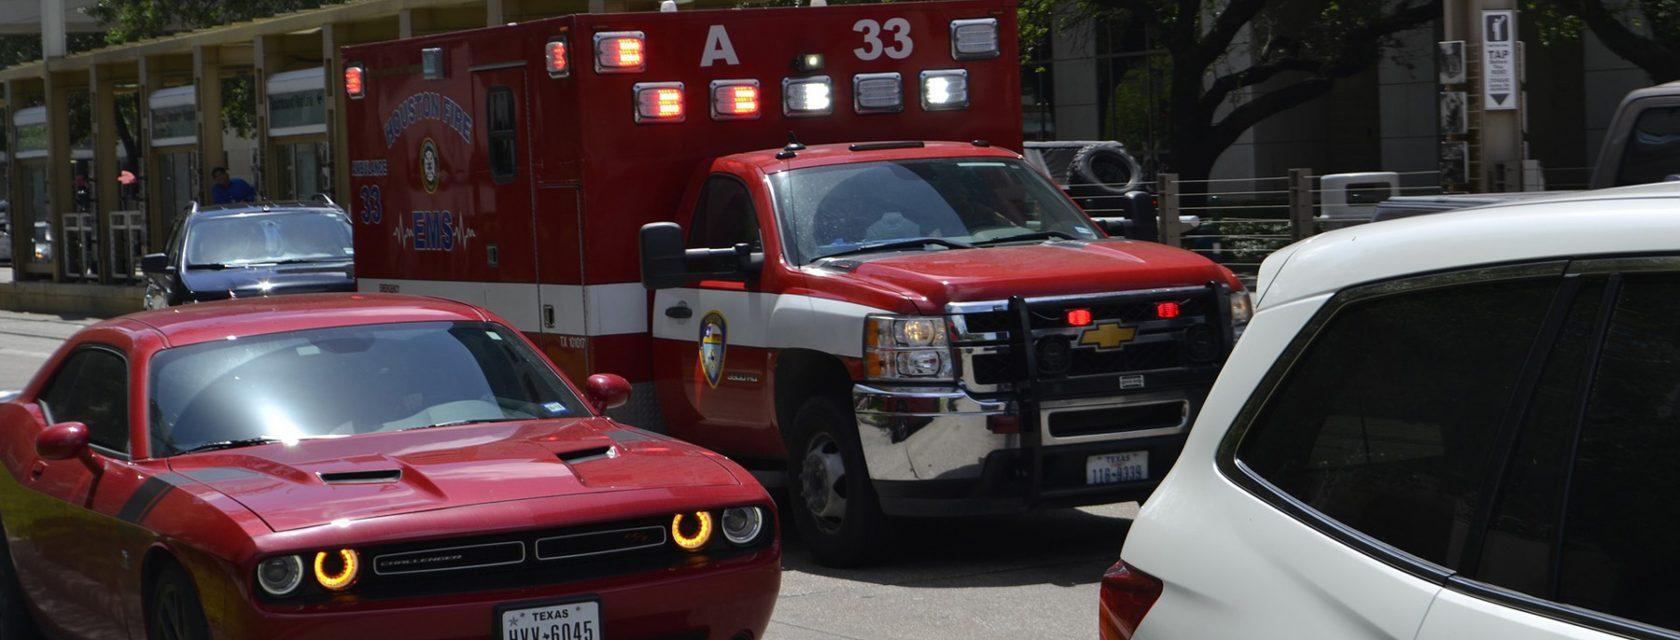 ambulance-car1